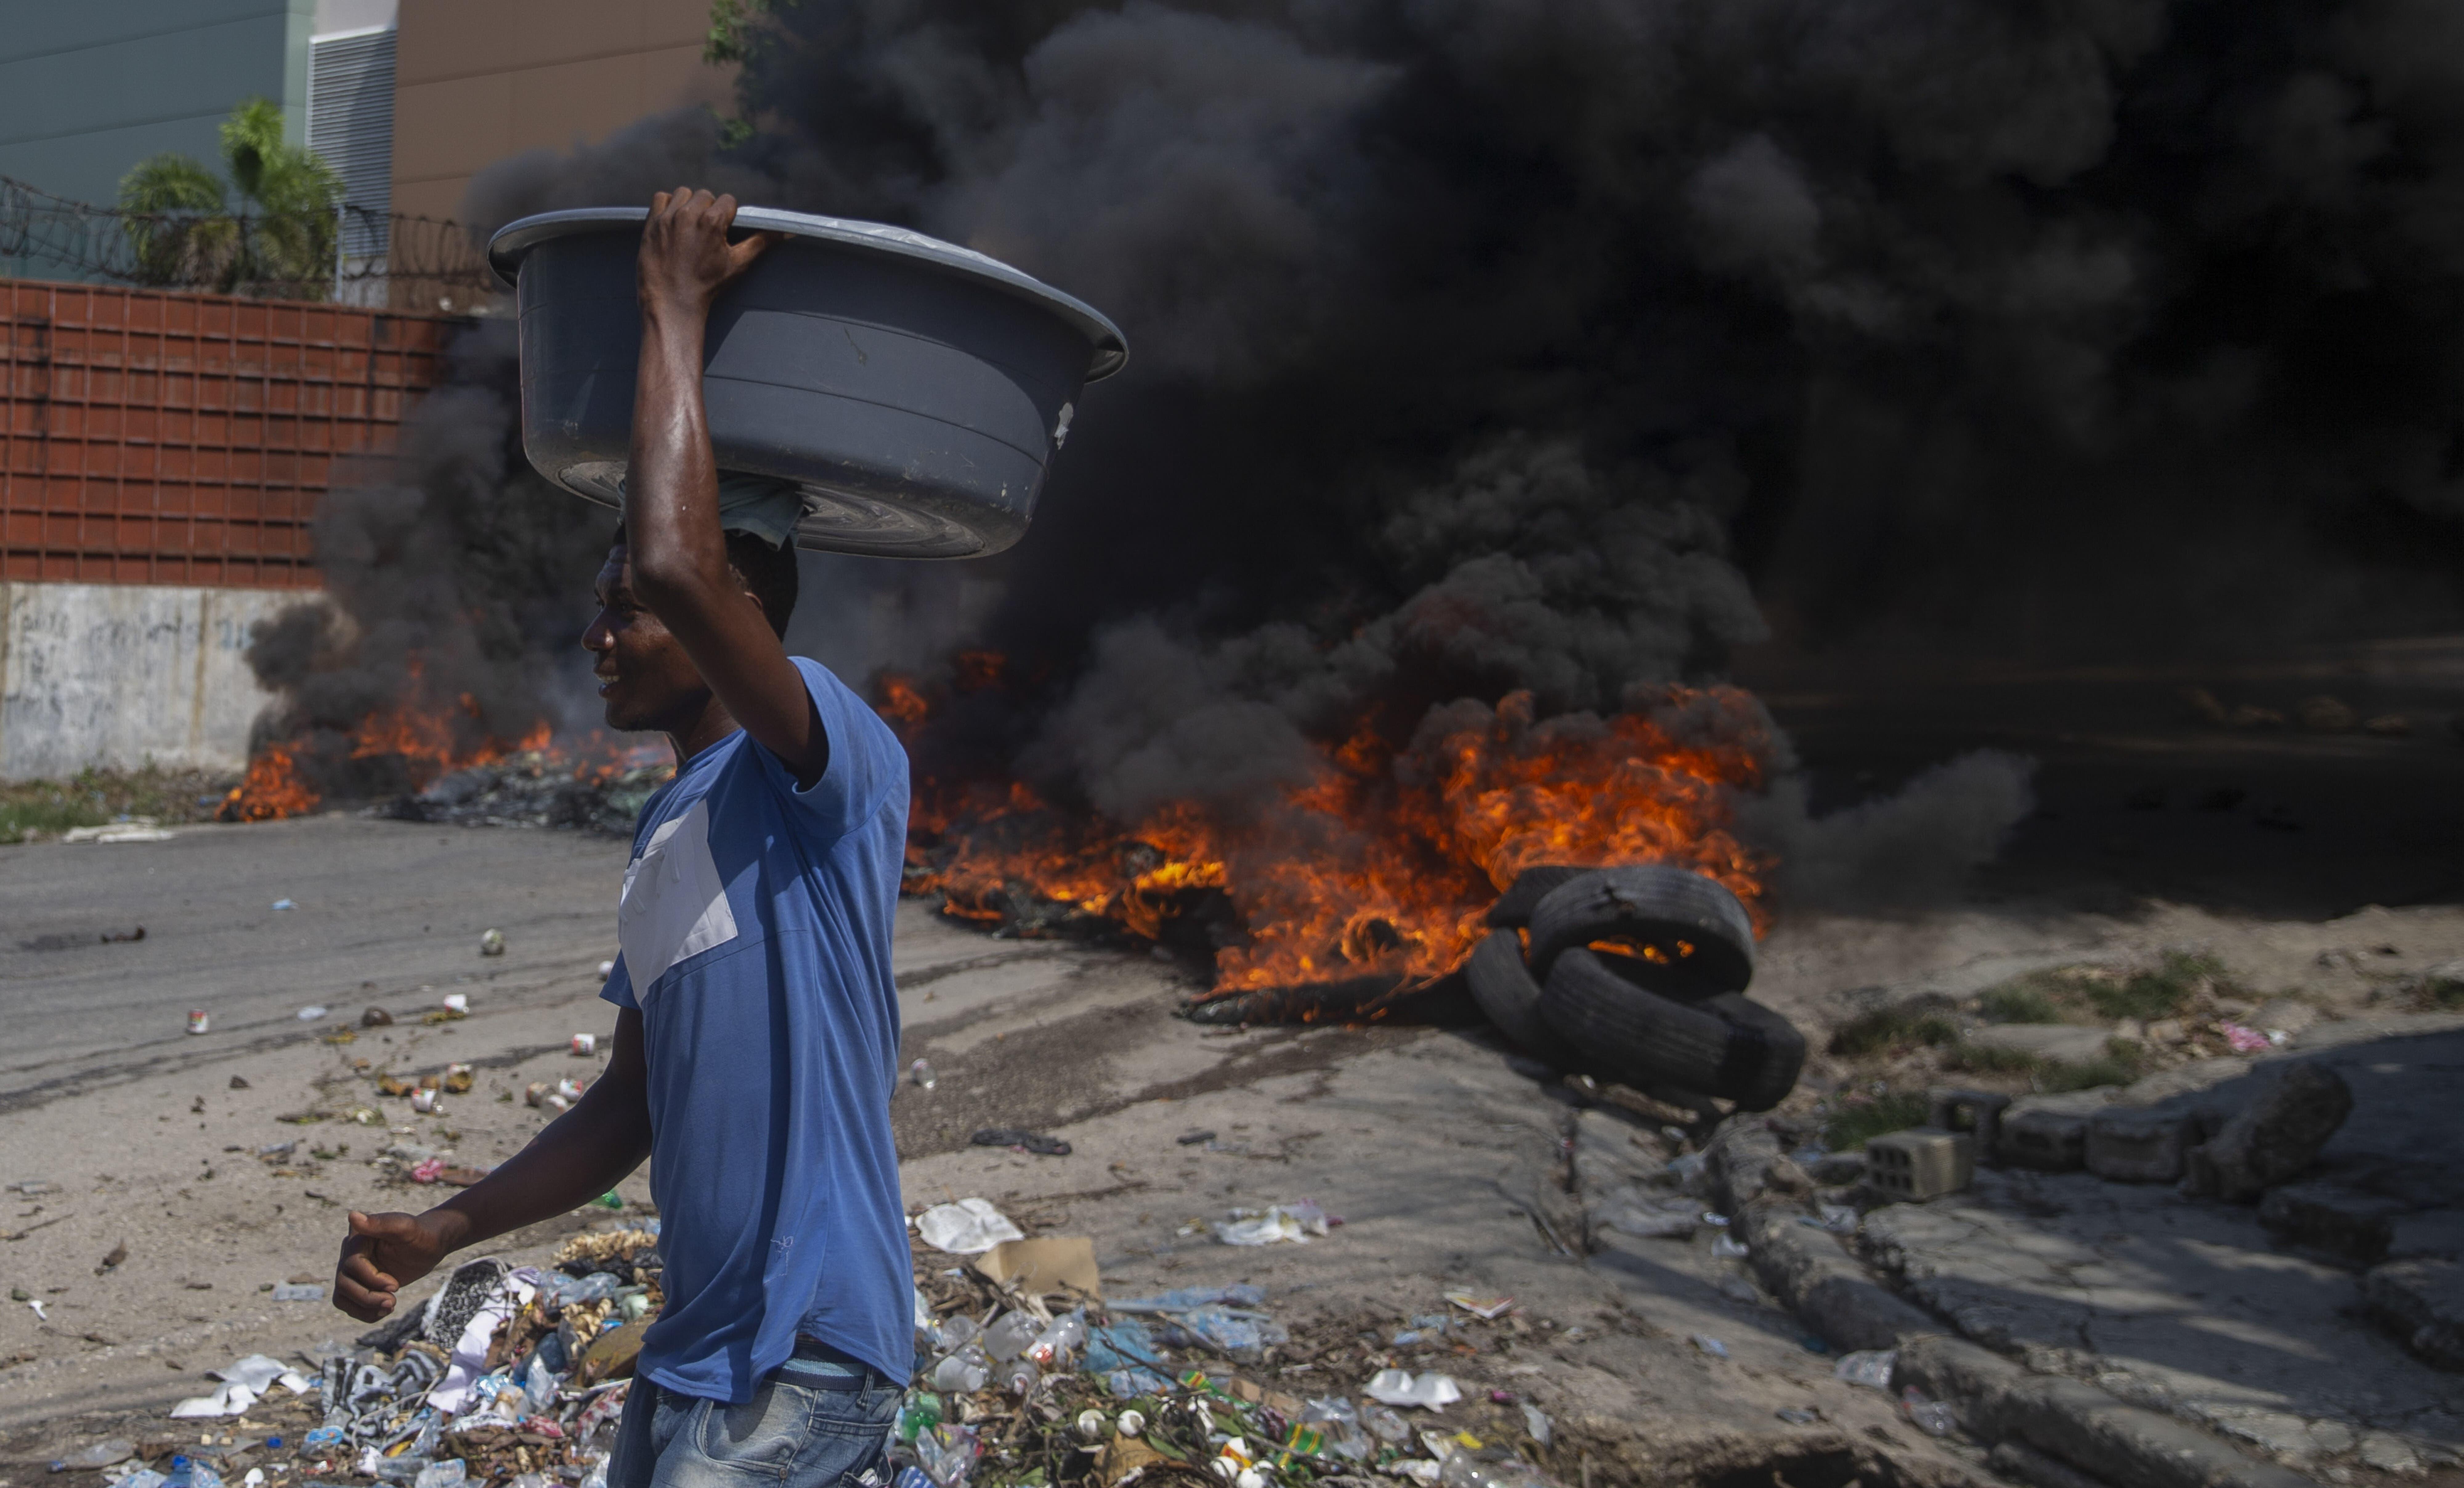 Haití: Protestan por falta de seguridad tras secuestros